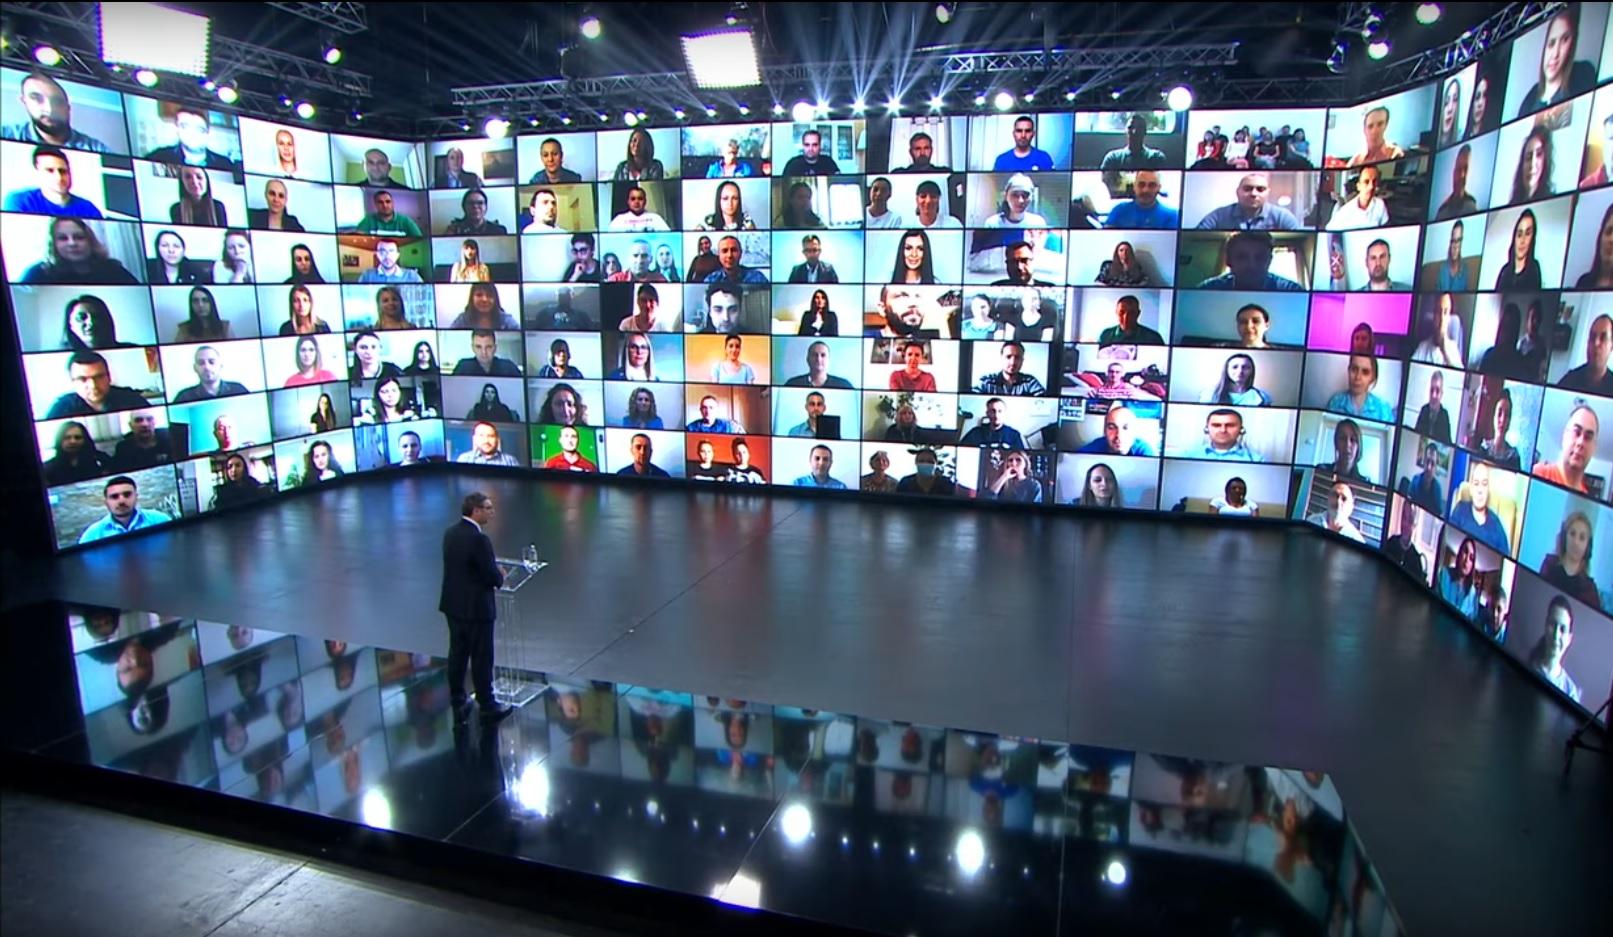 Predsednik Srbije Aleksandar Vucic na onlajn konferenciji.